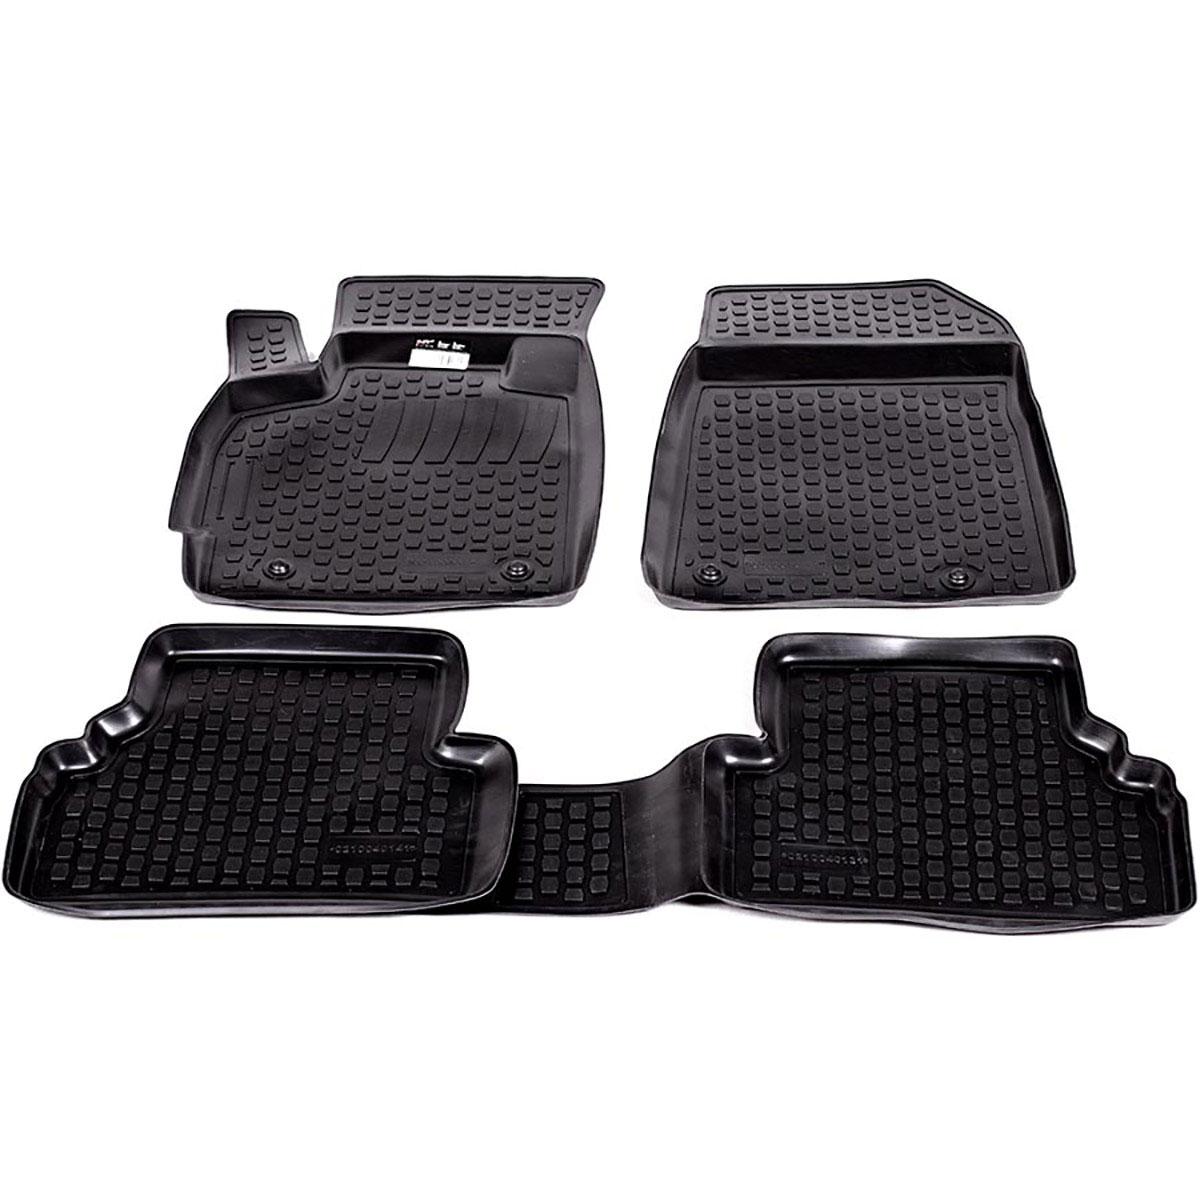 Набор автомобильных ковриков L.Locker для Mazda CX-7 (06-), в салон, 4 шт21395599Коврики L.Locker производятся индивидуально для каждой модели автомобиля из современного и экологически чистого материала, точно повторяют геометрию пола автомобиля, имеют высокий борт от 3 см до 4 см, обладают повышенной износоустойчивостью, антискользящими свойствами, лишены резкого запаха, сохраняют свои потребительские свойства в широком диапазоне температур (от -50°С до +80°С).